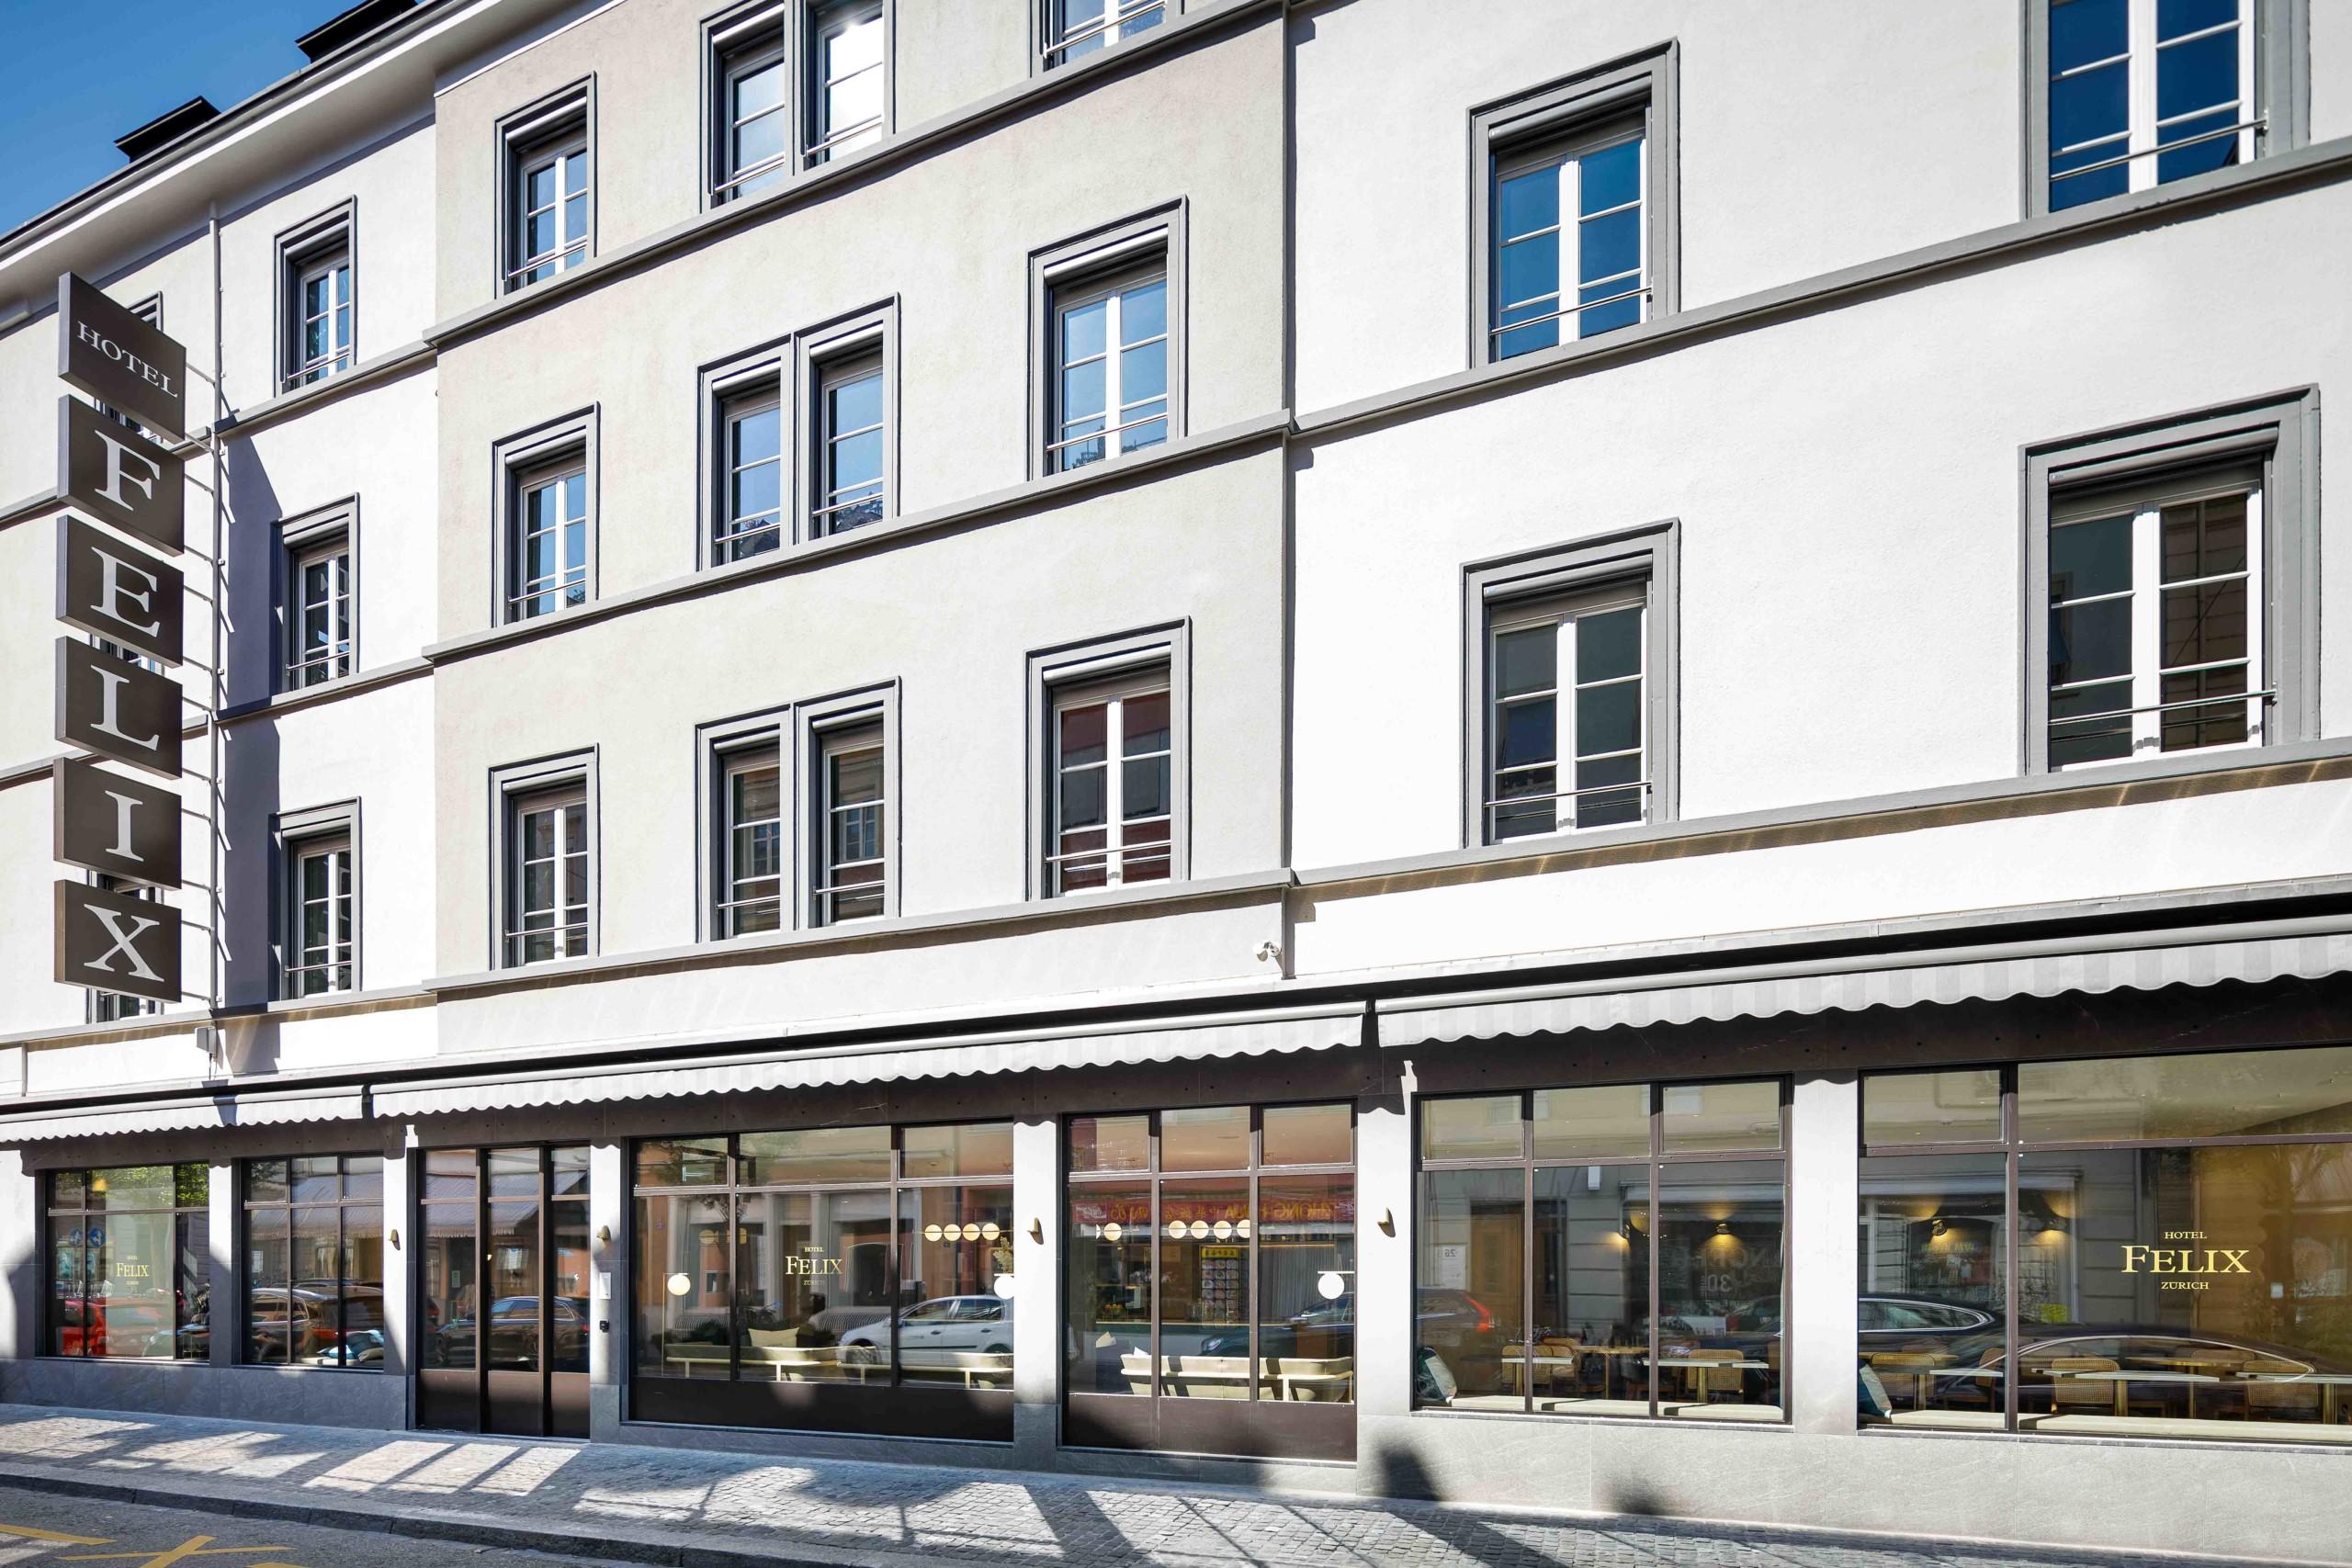 Hotel_Felix_Zurich_Schweiz_Switzerland_Aussenansicht (2)